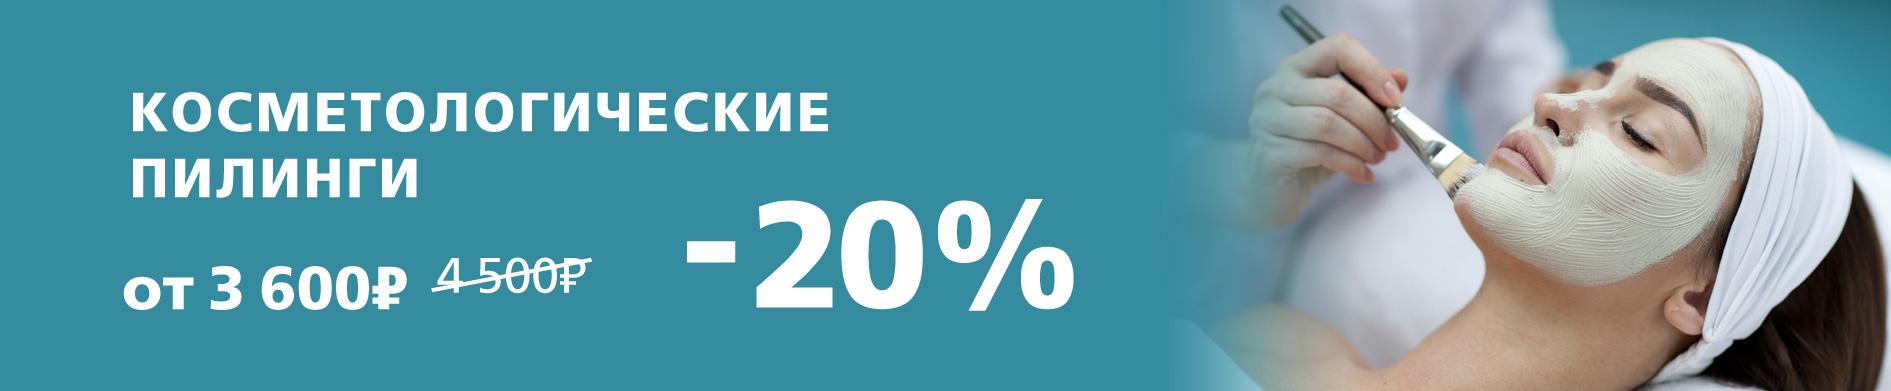 Косметологические пилинги со скидкой 20% от 3600 рублей